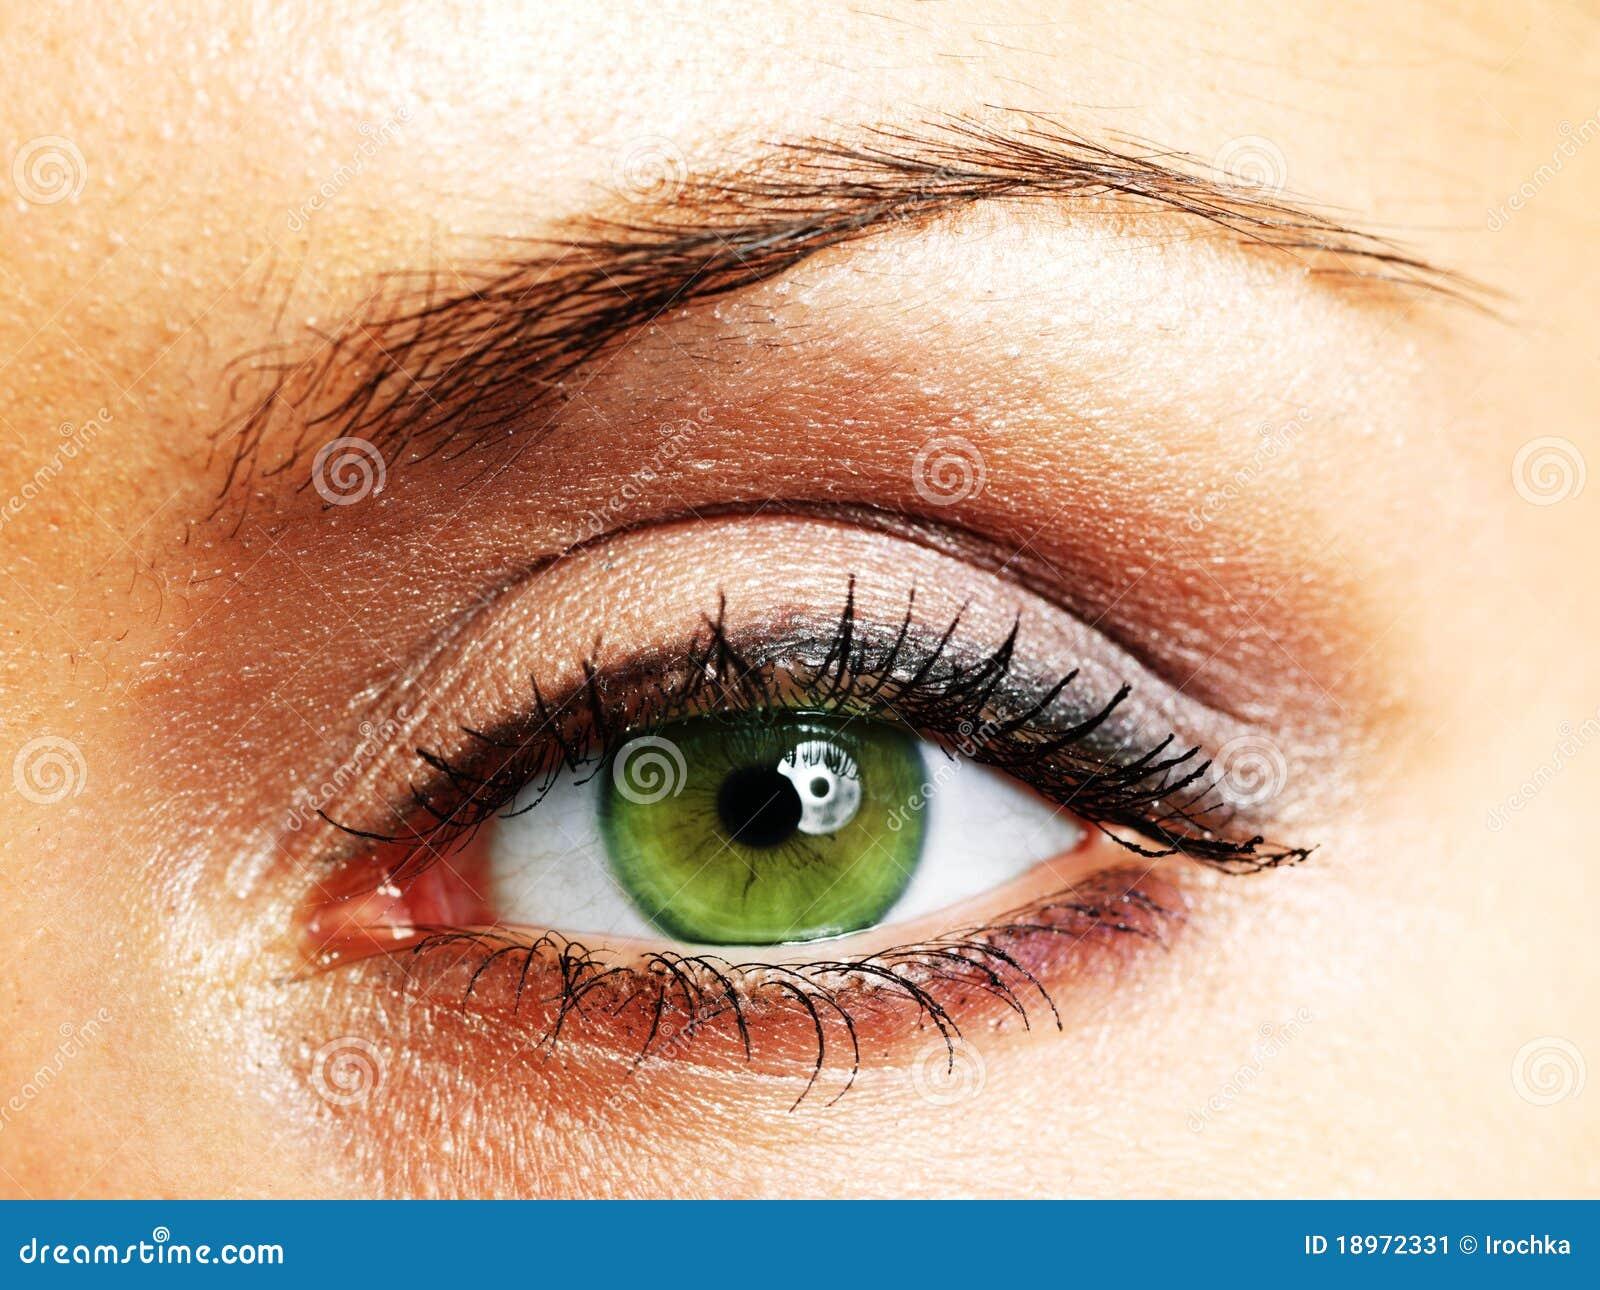 Grünes Auge der Frau stockbild. Bild von kaukasisch